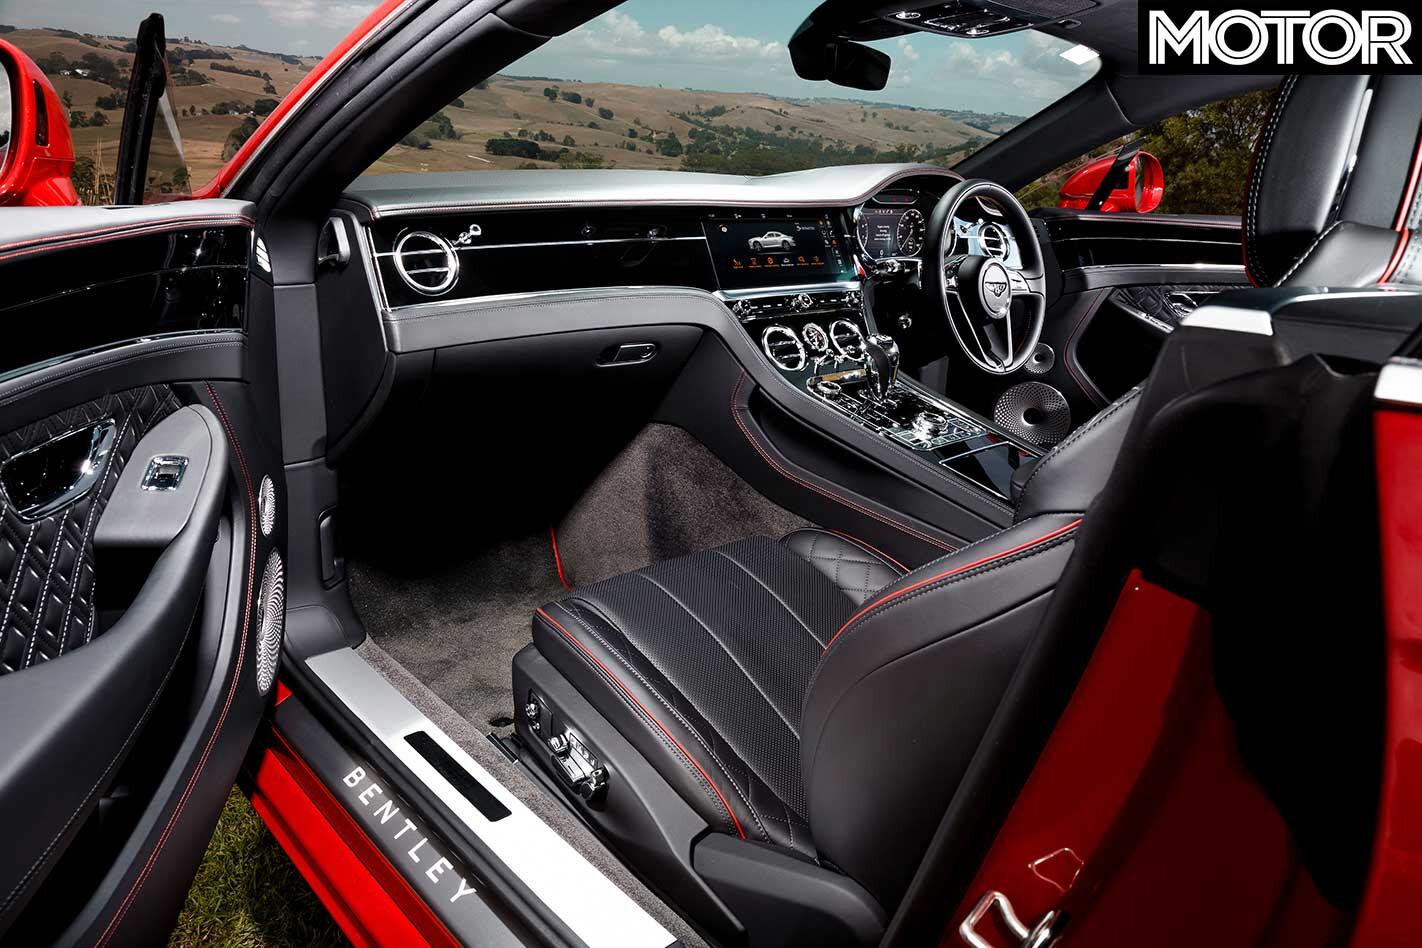 2019 Bentley Continental GT Cabin Jpg